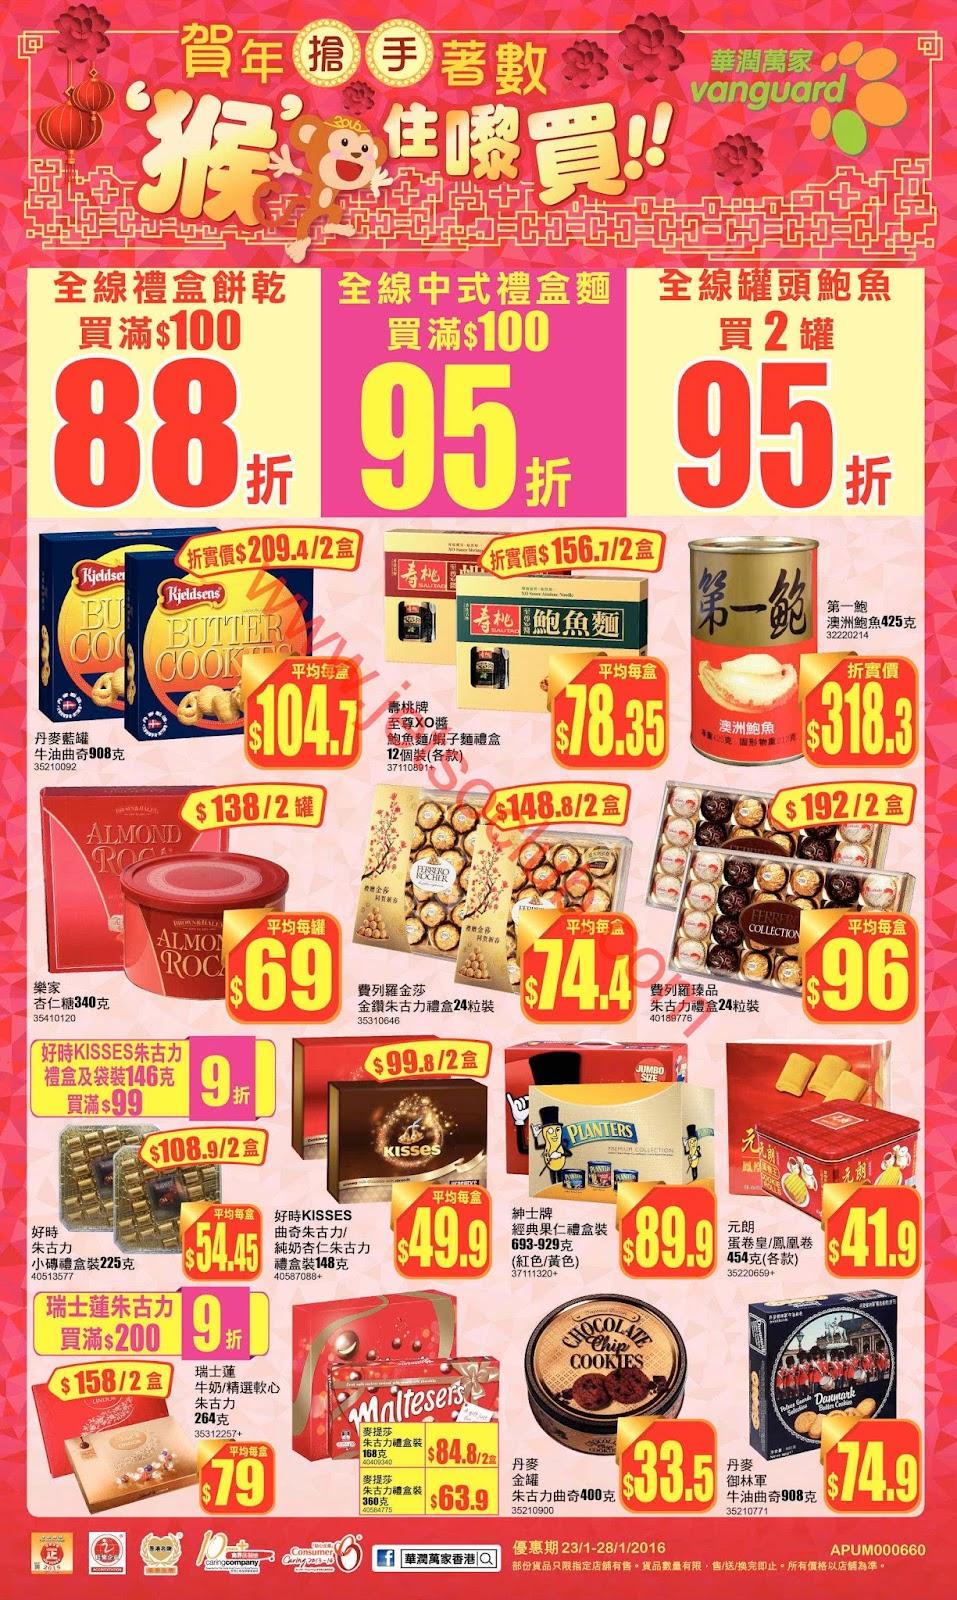 華潤超級市場最新優惠(23/1) ( Jetso Club 著數俱樂部 )